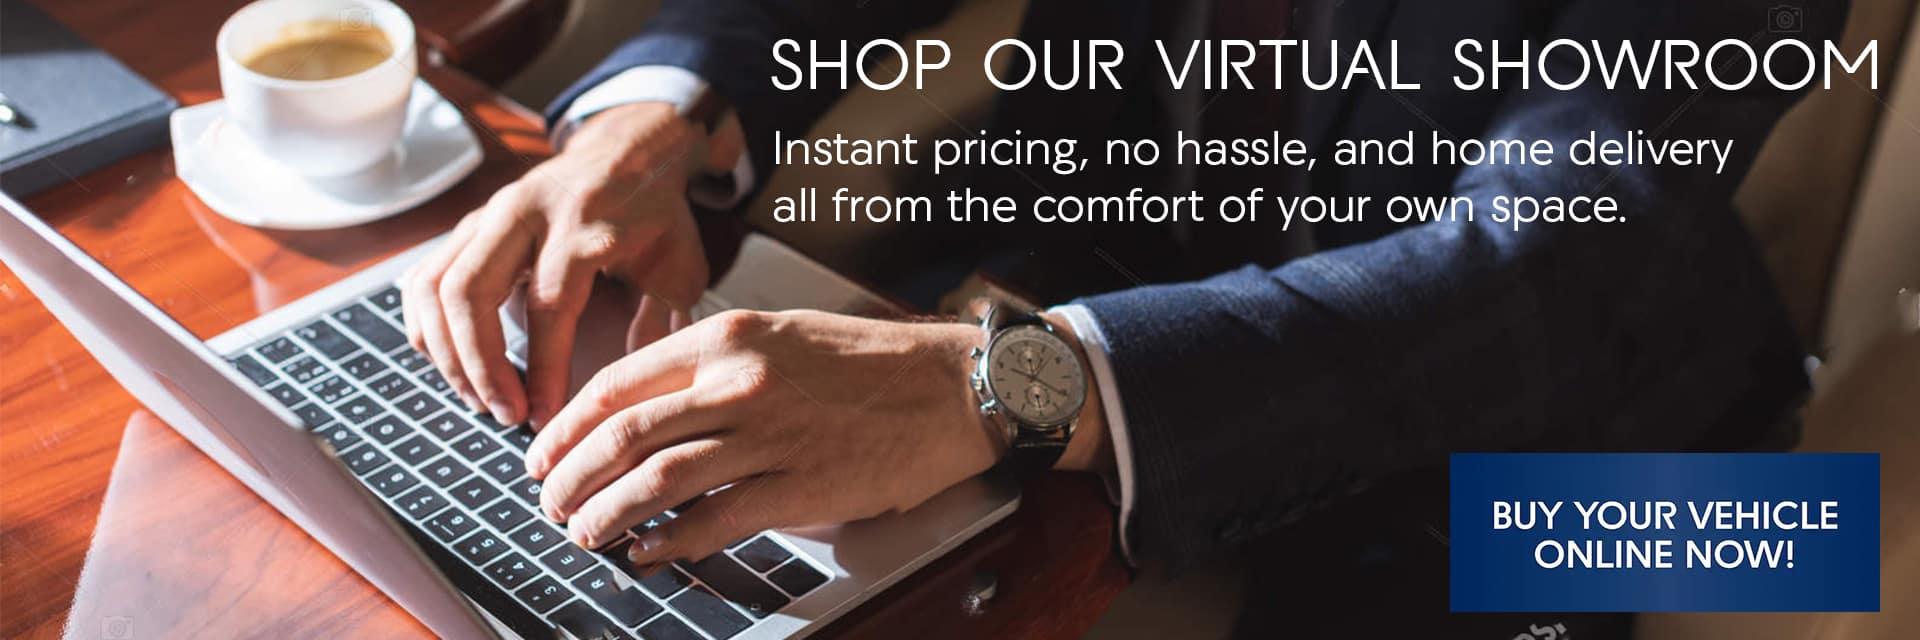 Buy Online Banner_3